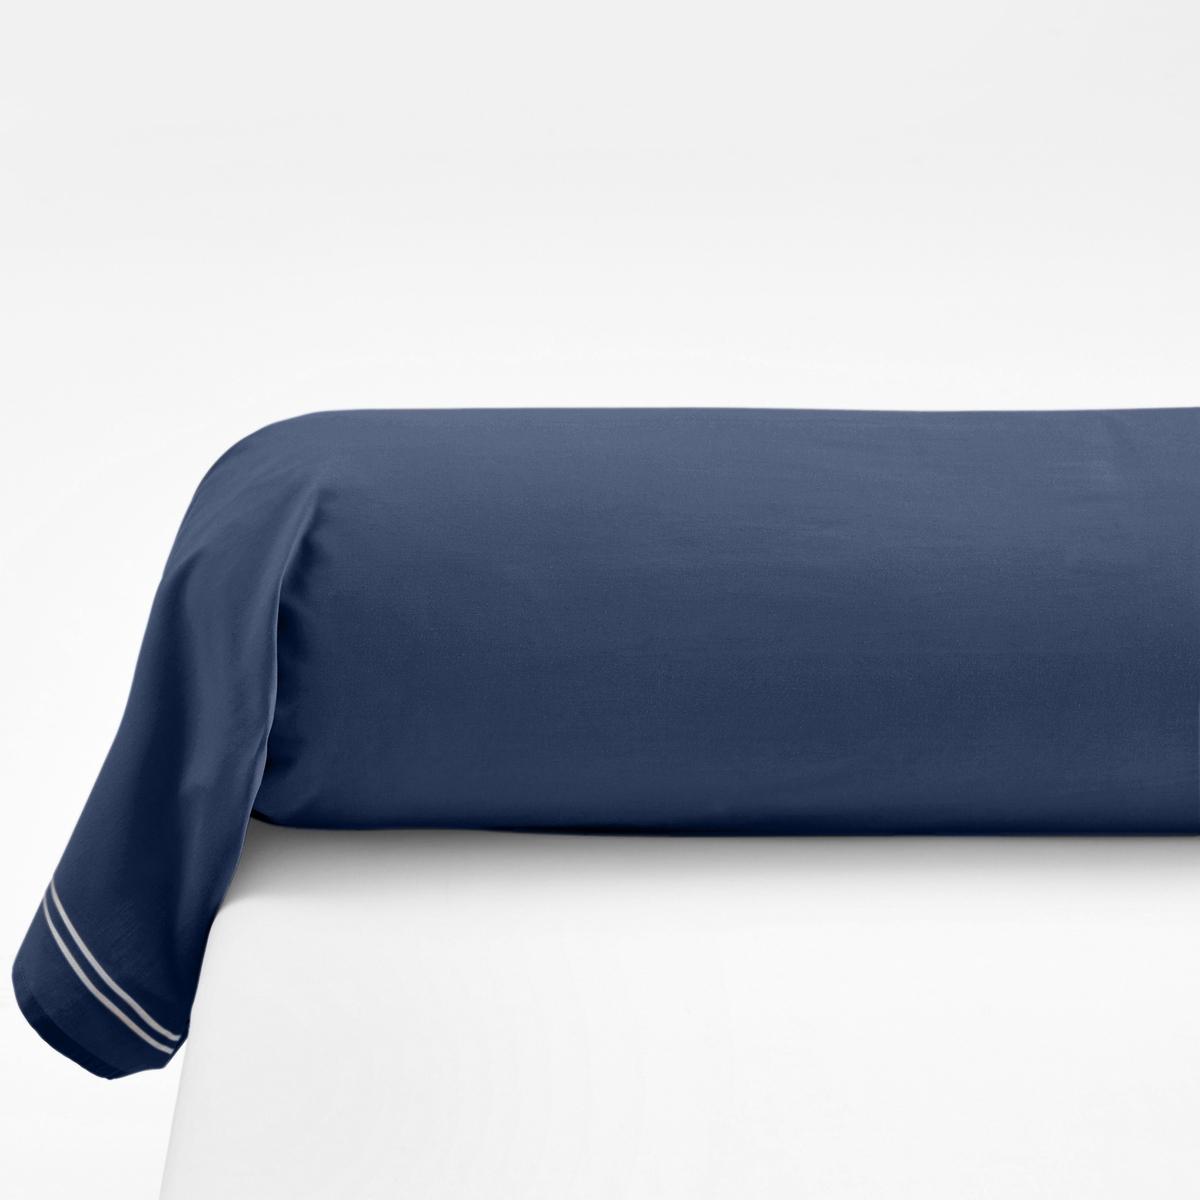 Наволочка на подушку-валик из хлопковой перкали, PalaceХарактеристики наволочек на подушку-валик Palace : - Перкаль, 100% хлопка - настоящий люкс для вашей спальни. Роскошная ткань с очень плотным переплетением нитей (80 нитей/см?), сотканная из длинных хлопковых волокон   . Чем плотнее переплетение нитей/см?, тем выше качество материала.На подушку-валик: двойной кант по краям  .- Машинная стирка при 60°, легко гладить..Знак Oeko-Tex® гарантирует отсутствие вредных для здоровья человека веществ в протестированных и сертифицированных изделиях.Размеры :85 x 185 см : Наволочка на подушку-валик   .Найдите комплект постельного белья по названию Palace<br><br>Цвет: серый/розовая пудра,темно-синий/серый